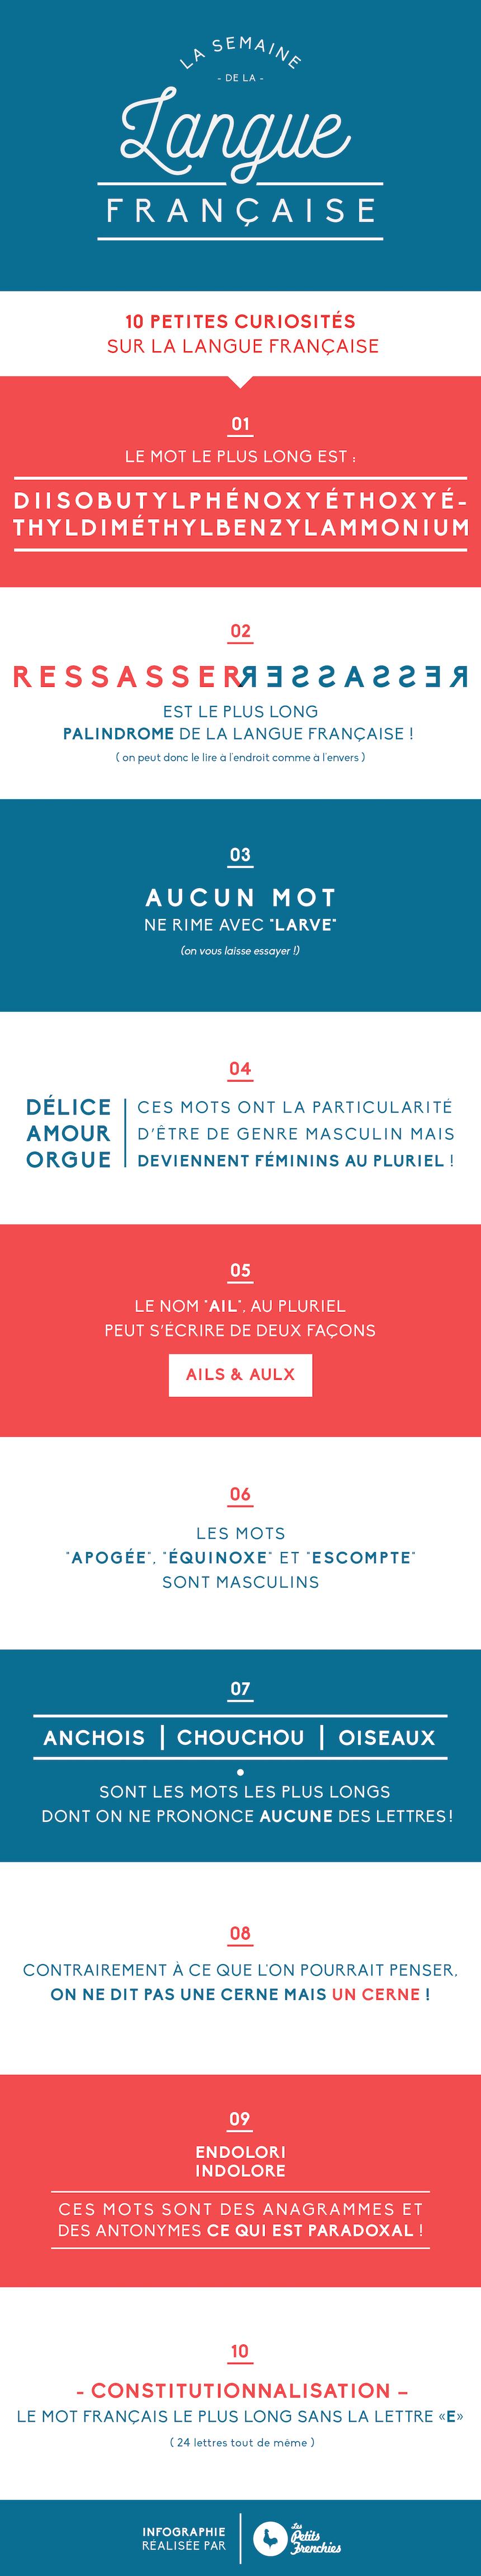 INFO-langue-francaise